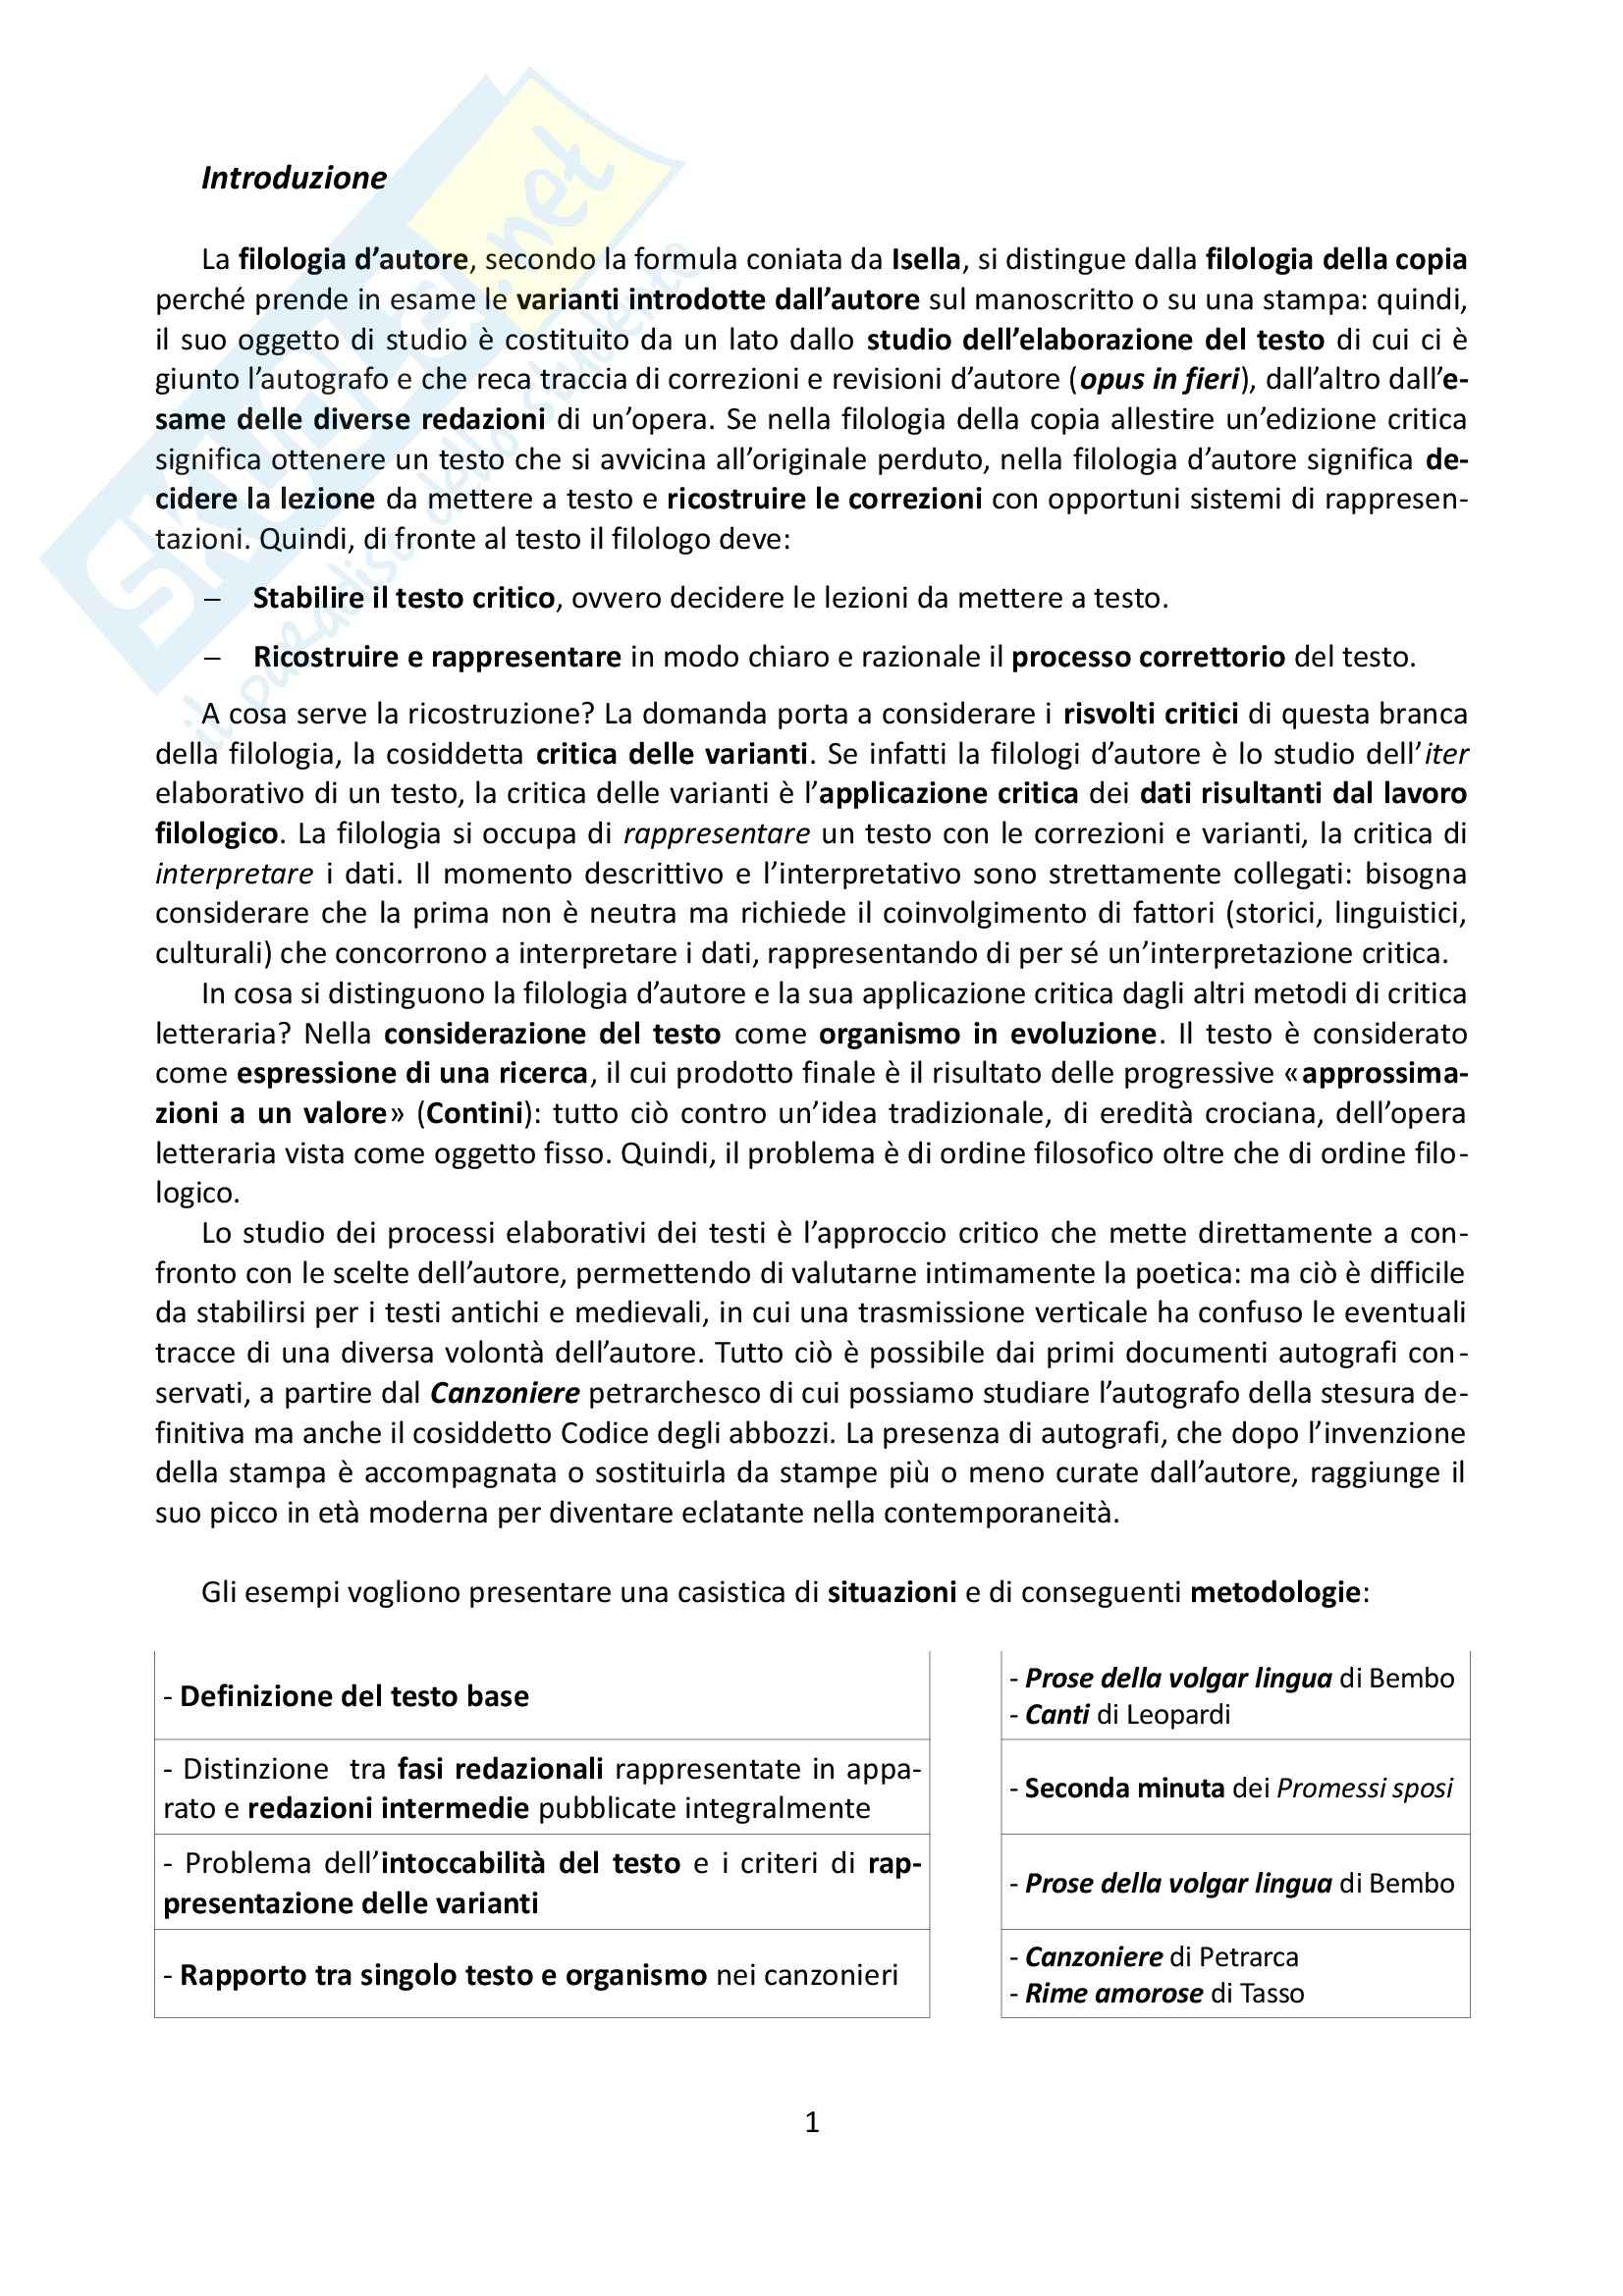 Riassunto esame Filologia dei testi a stampa, prof. Cadioli, libro consigliato Che cos'è la filologia d'autore, Italia, Raboni